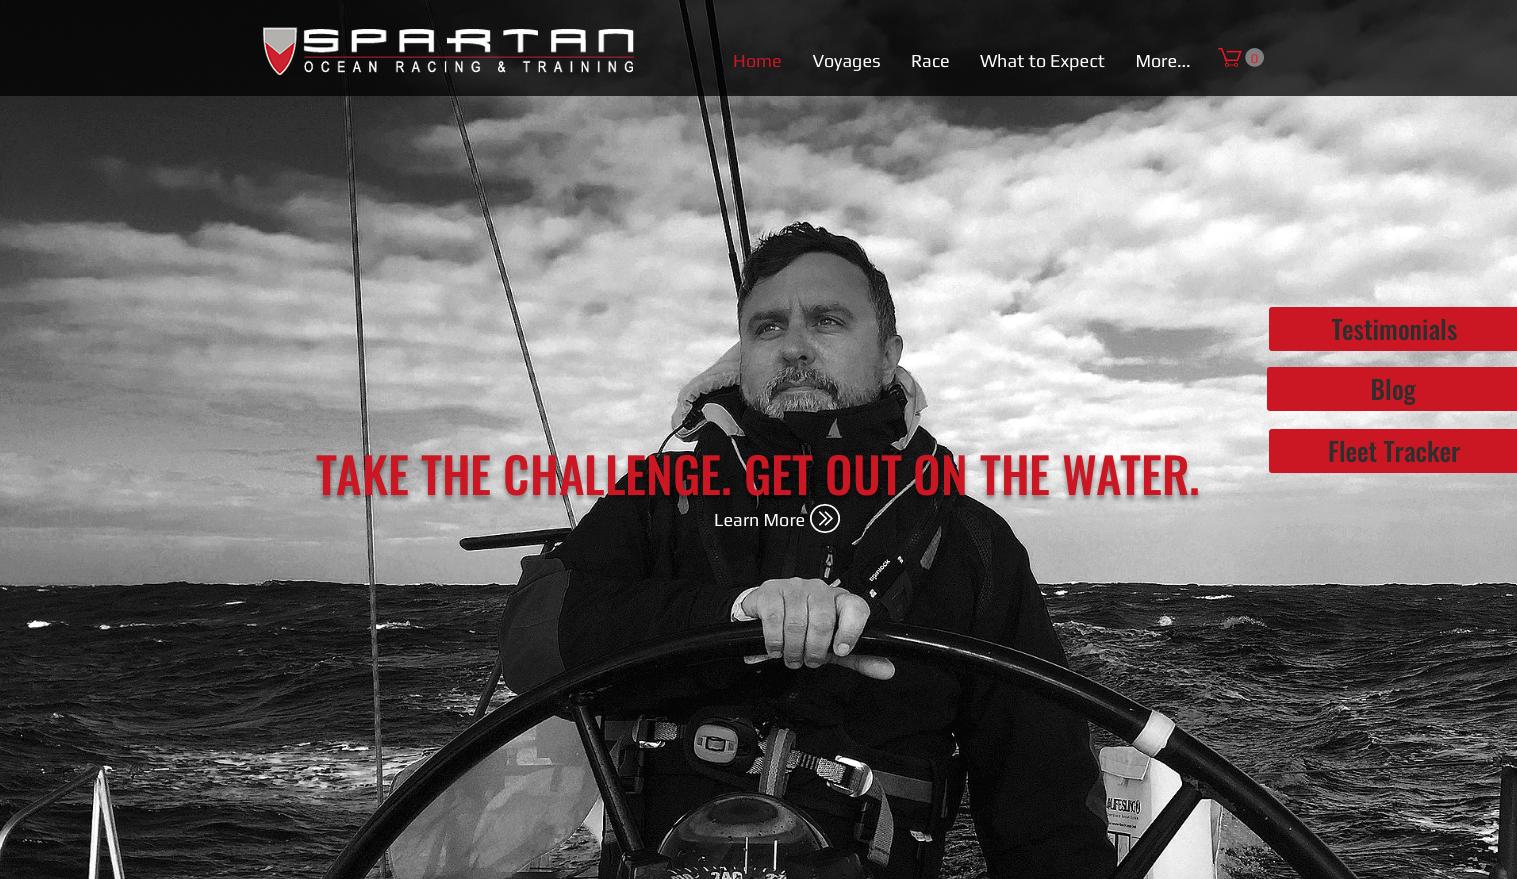 Spartan Website Redesign